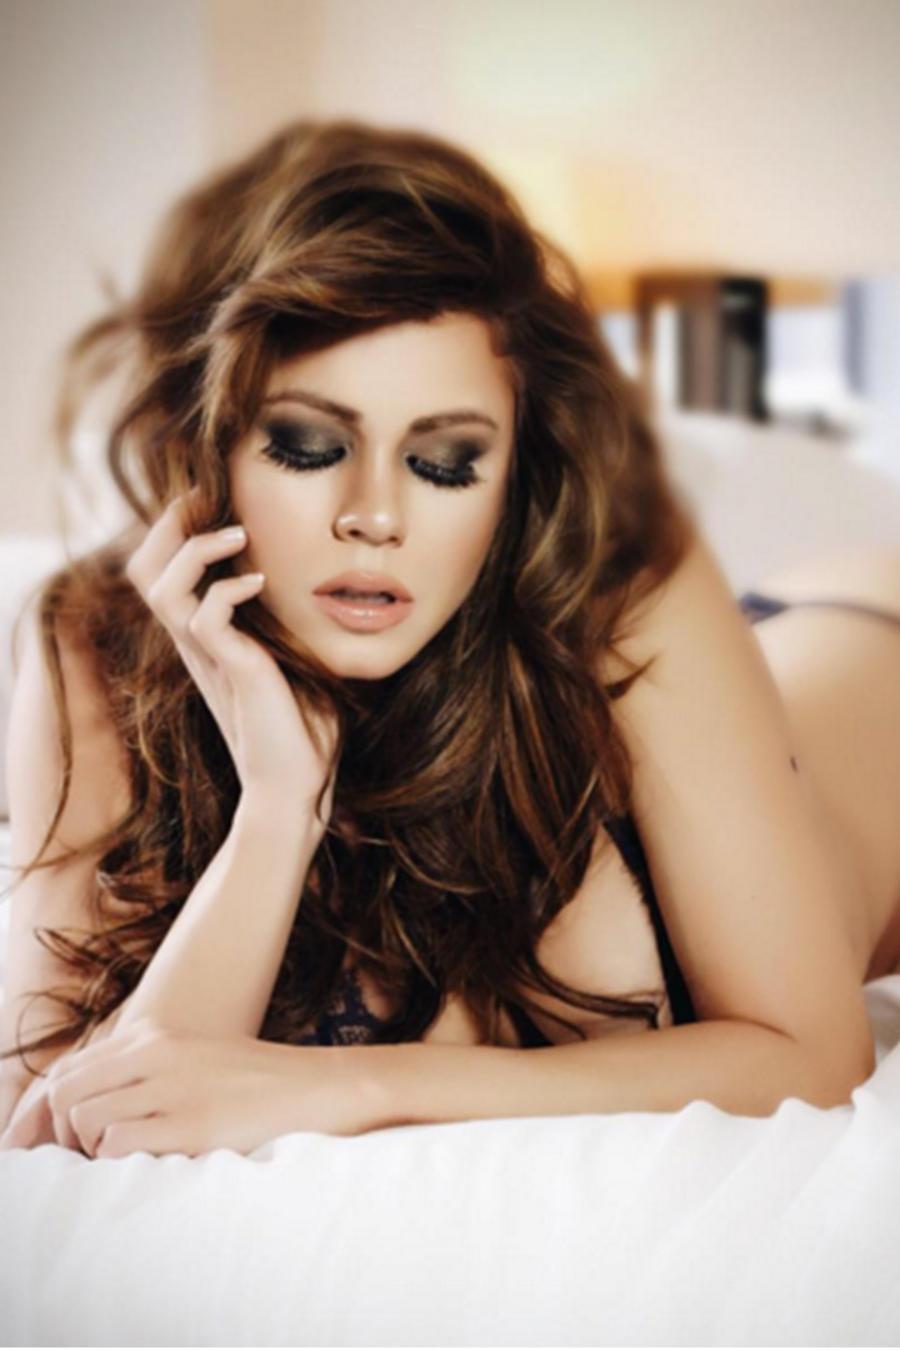 Modelo Playboy pide donaciones para empezar carrera como modelo